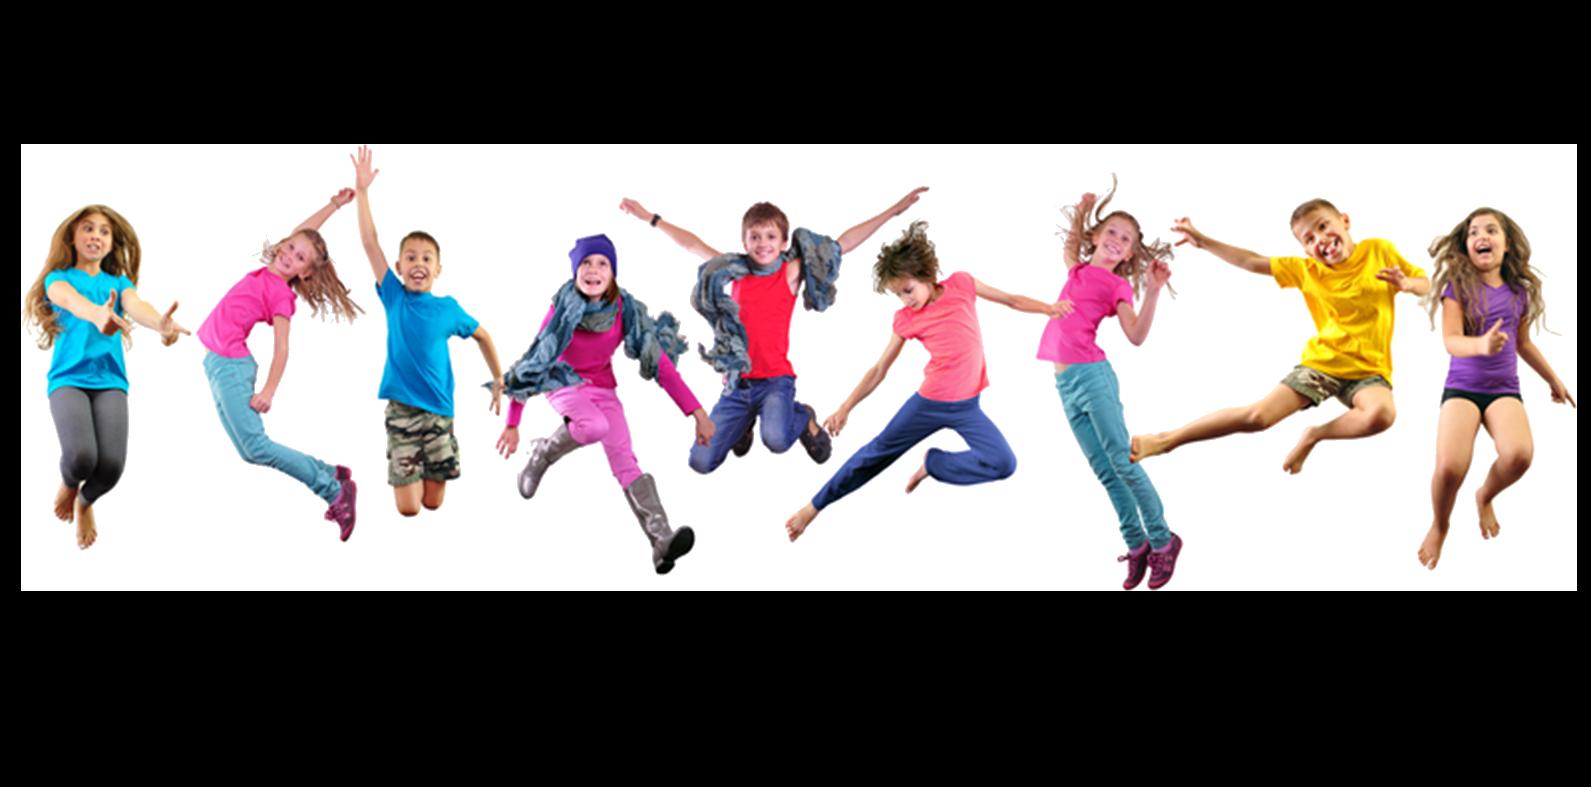 # 06 kids jumping